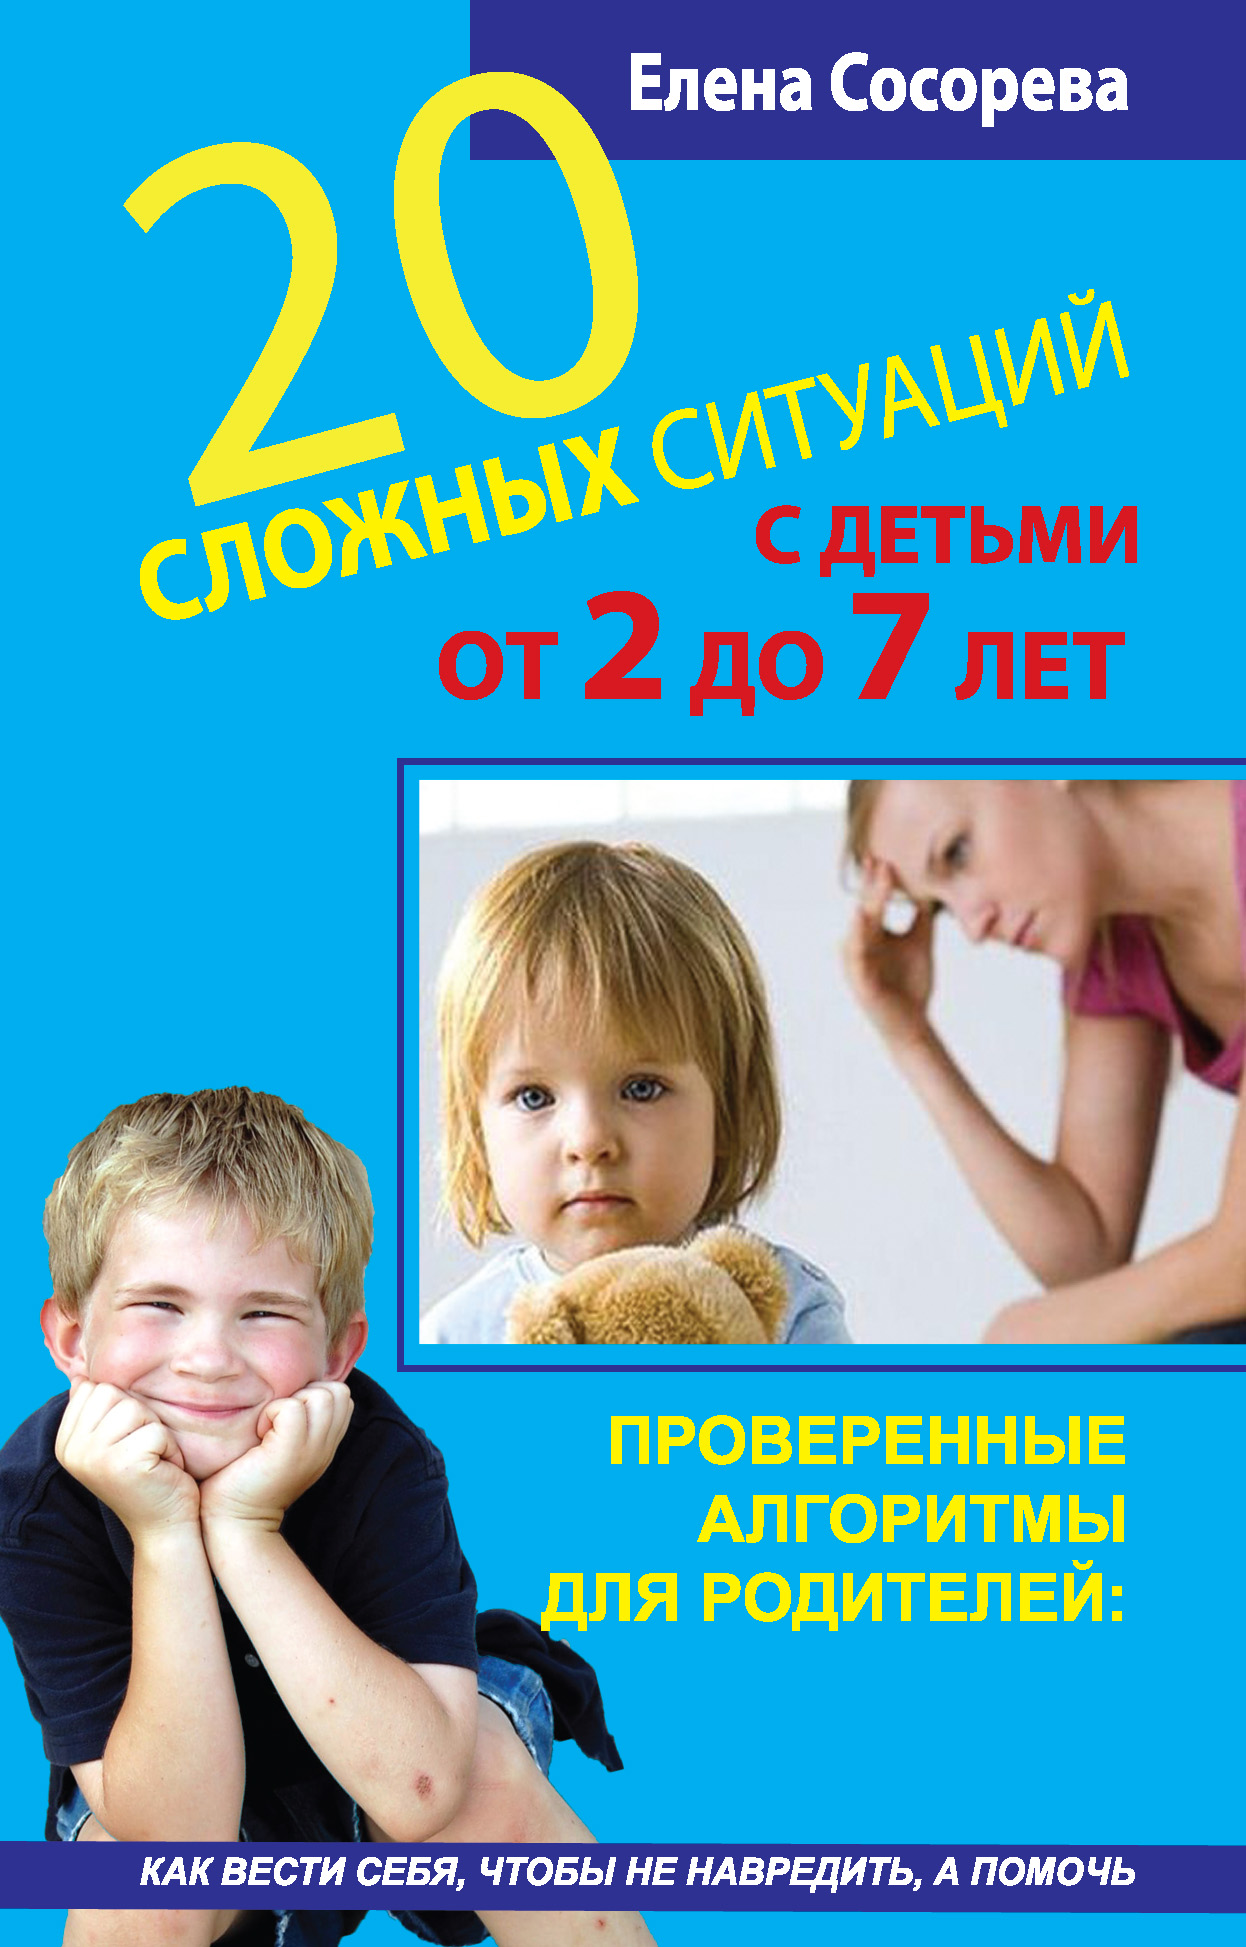 Елена Сосорева 20 сложных ситуаций с детьми от 2 до 7 лет. Проверенные алгоритмы для родителей: как вести себя, чтобы не навредить, а помочь цена